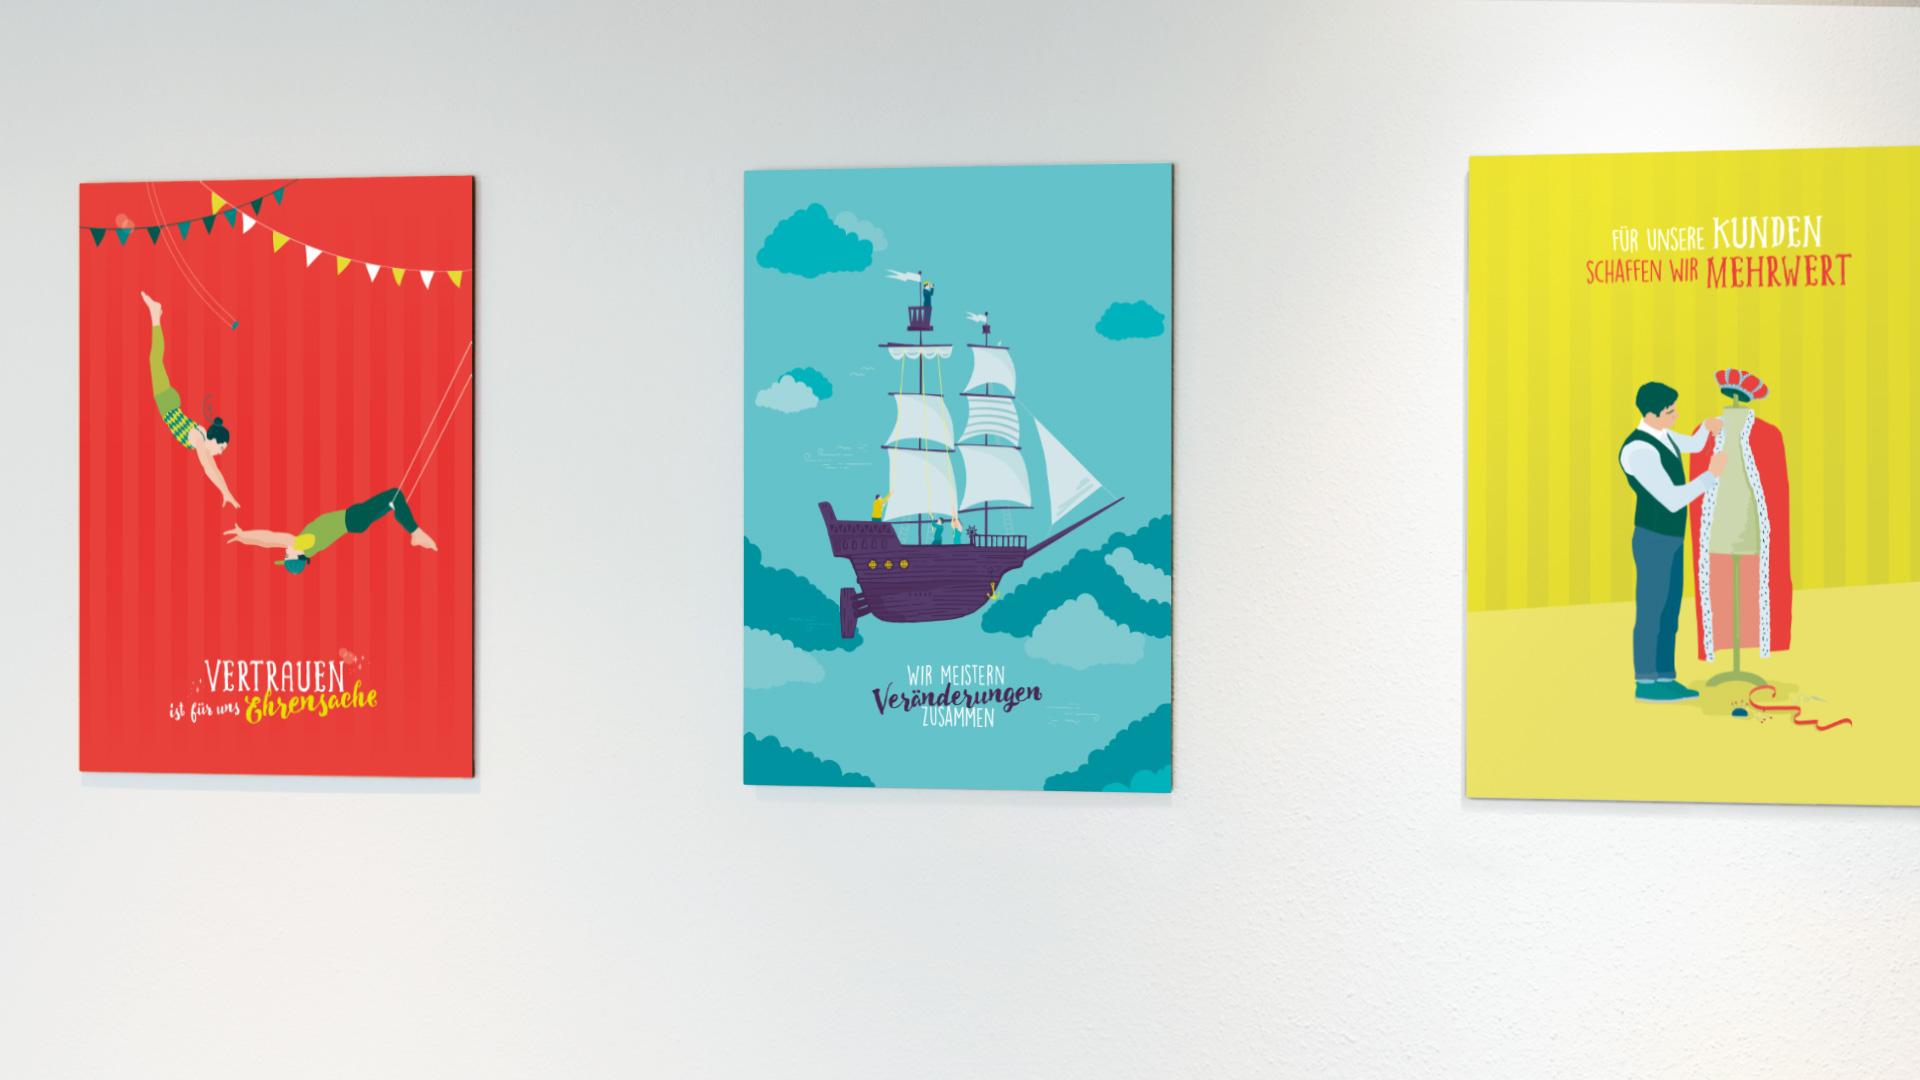 Leitbild-Illustration proventis | Vertrauen, Veränderungen, Mehrwert für Kunden